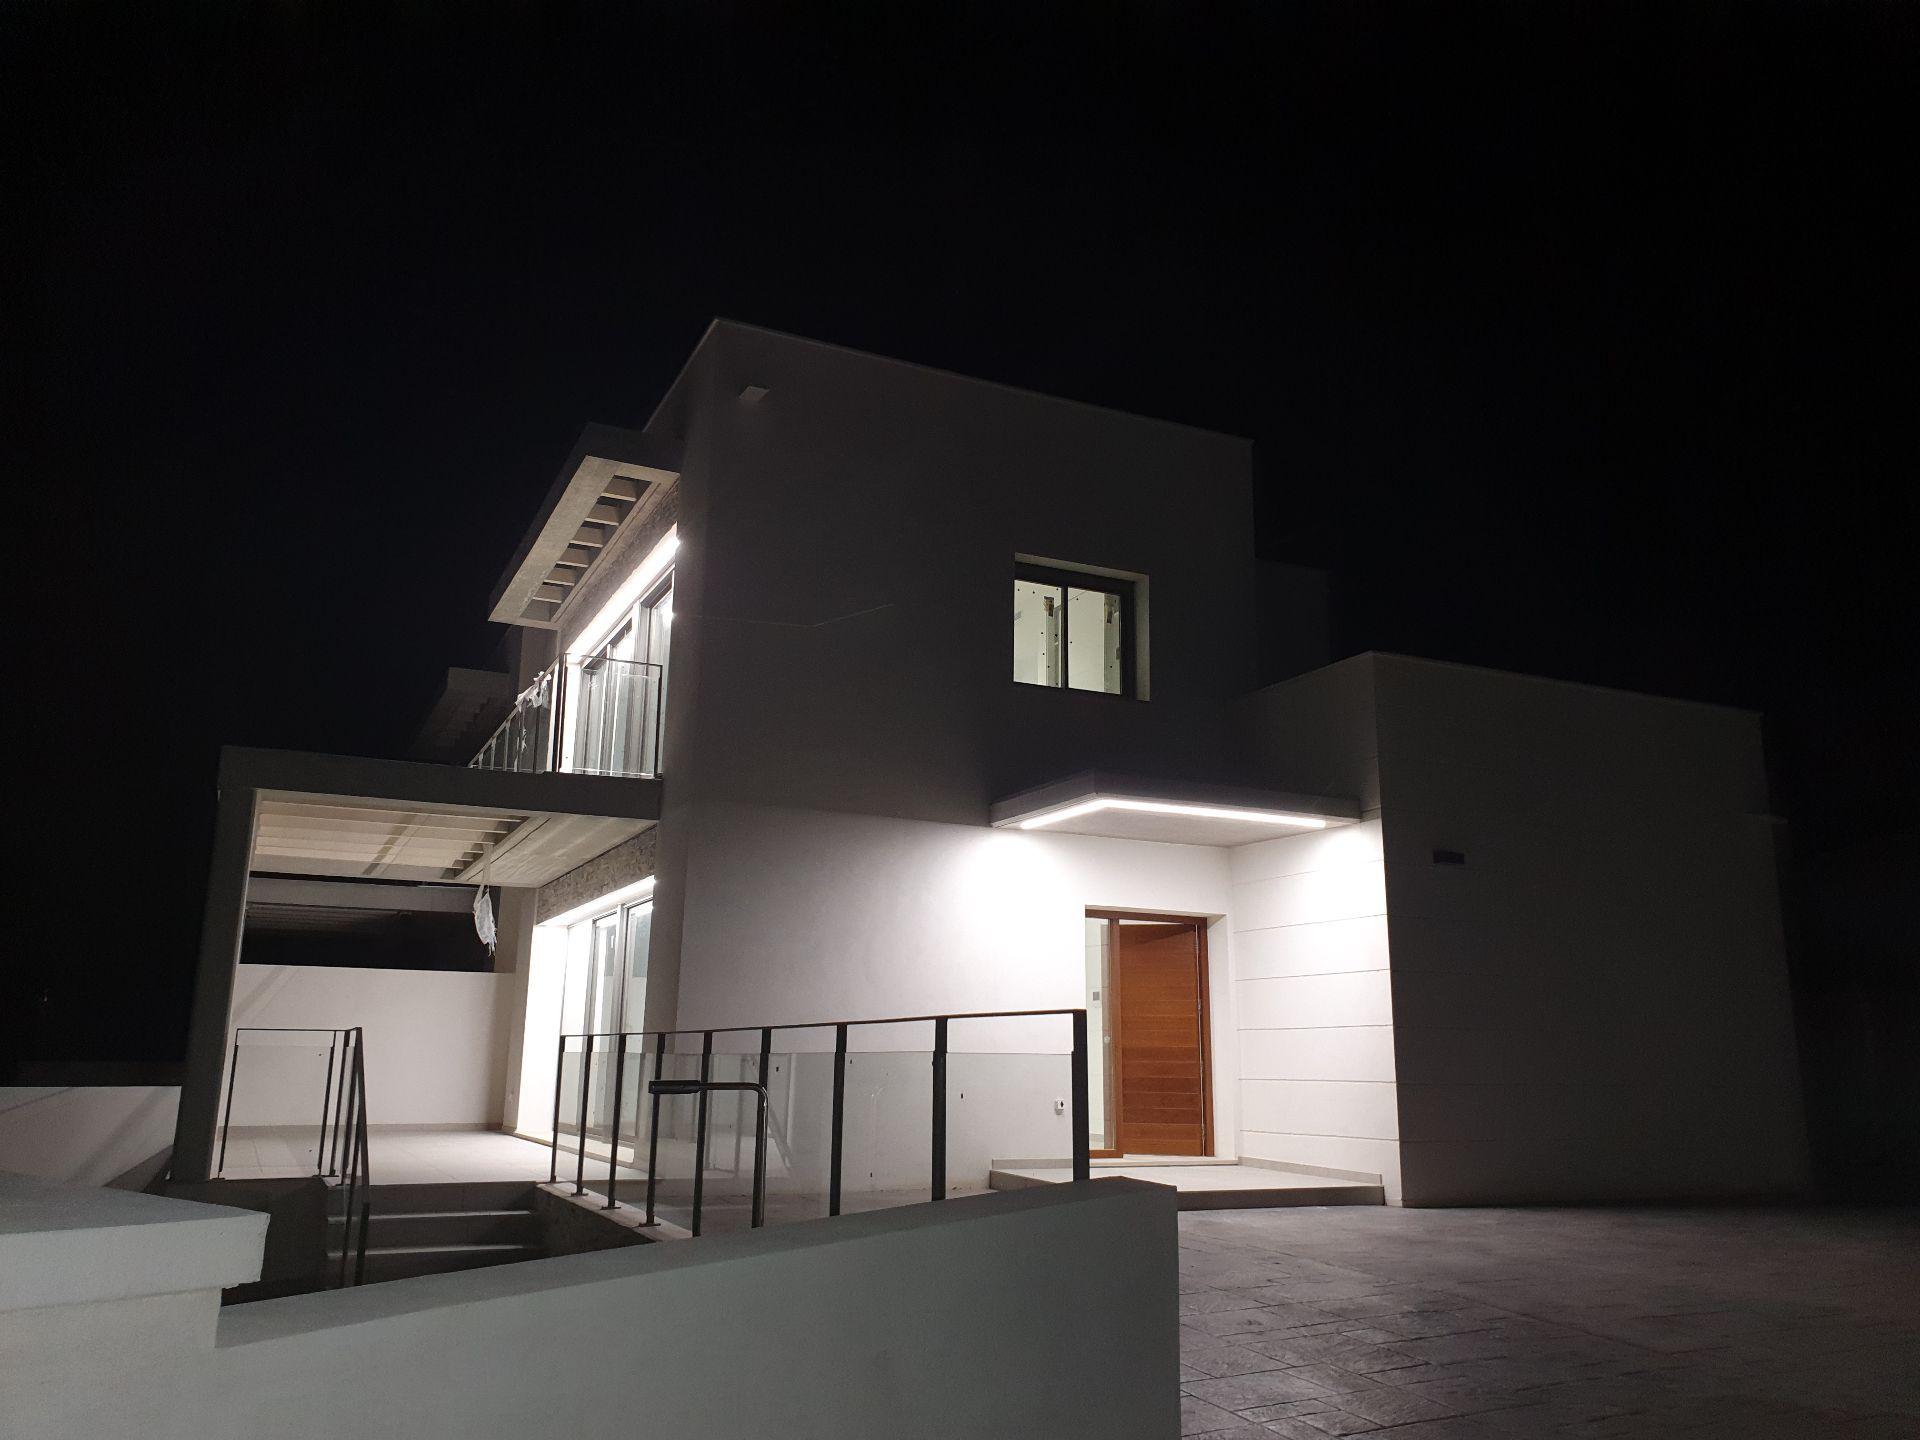 Casa adosada en Moraira, Urbanización El Estret (Moraira), venta